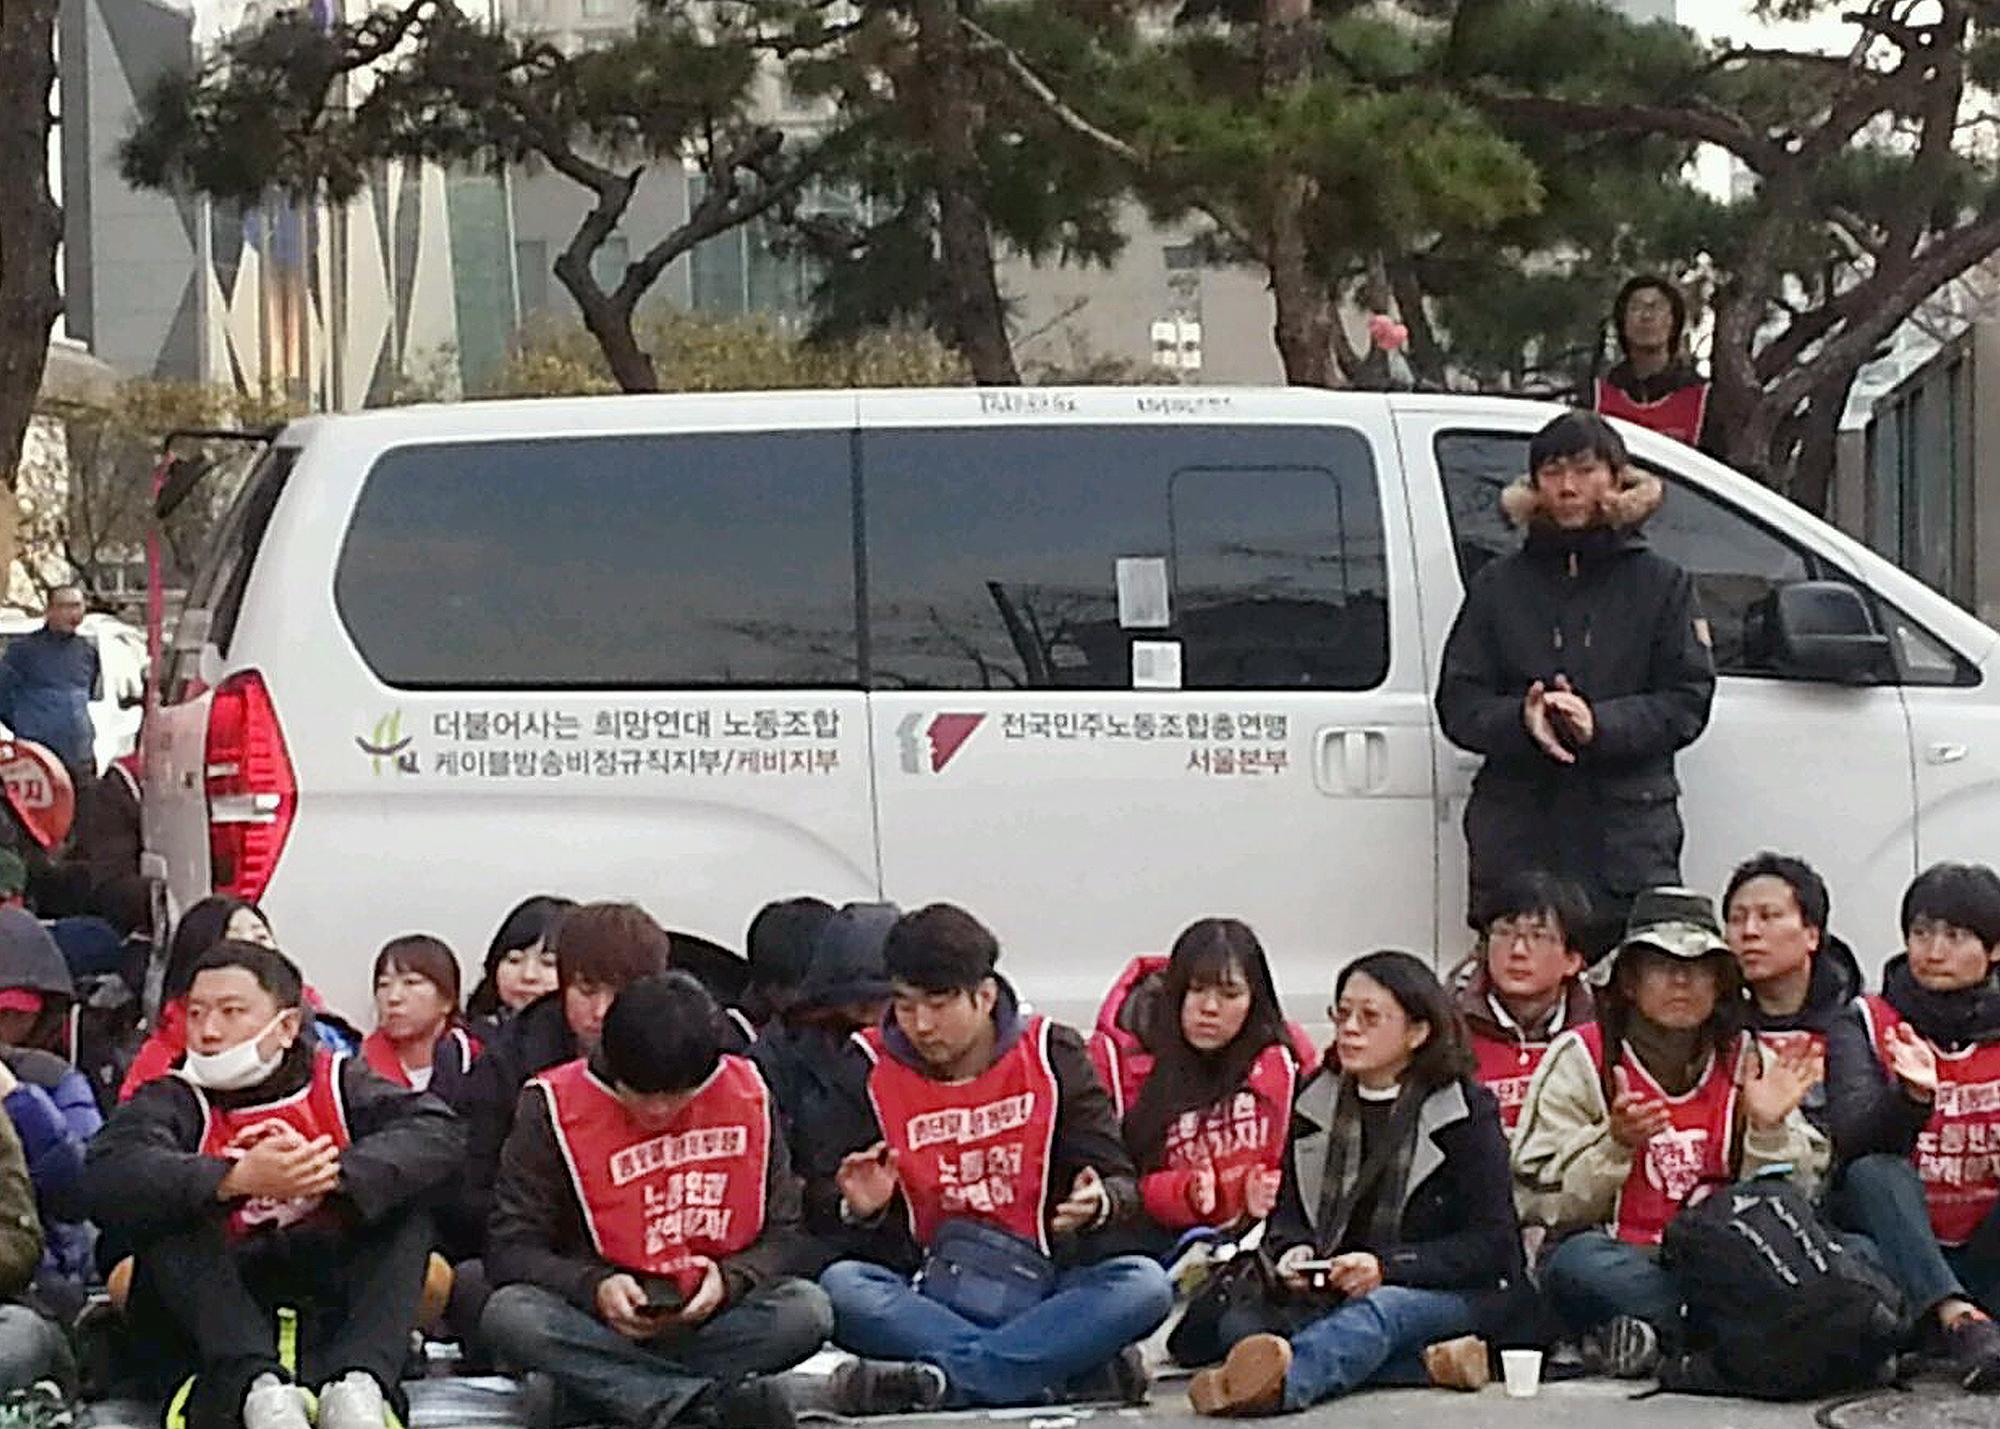 2014 11 27 씨앤앰 노숙농성 해결을 촉구하는 3대종교 문화제.jpg